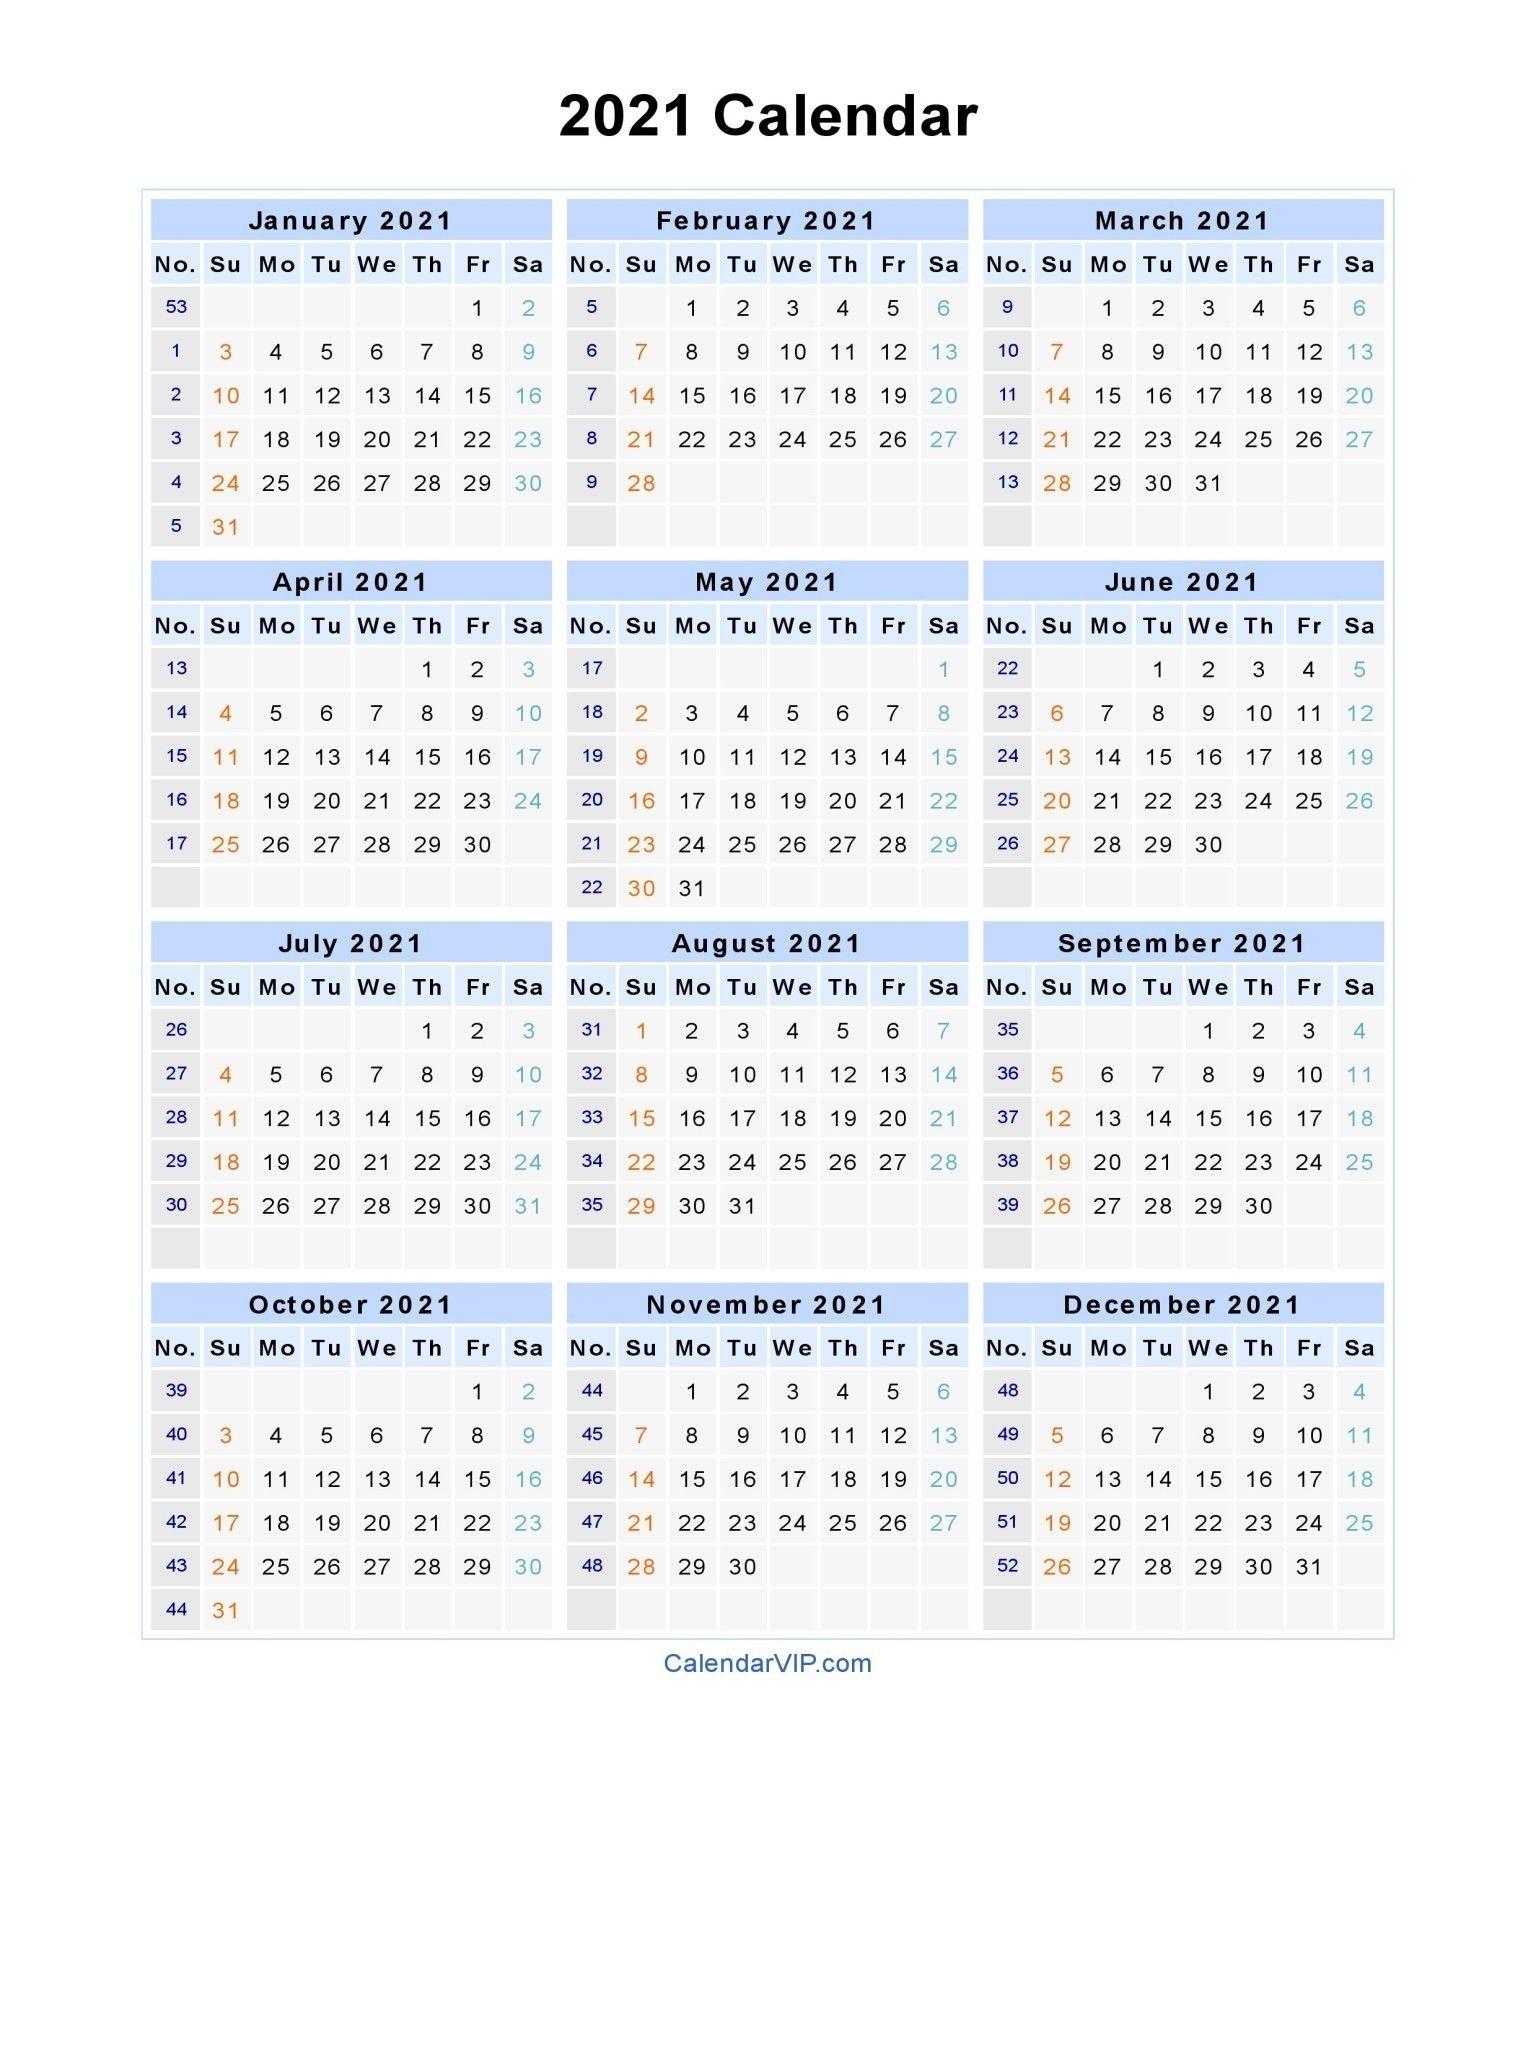 2021 Calendar With Week Numbers Excel Full In 2020